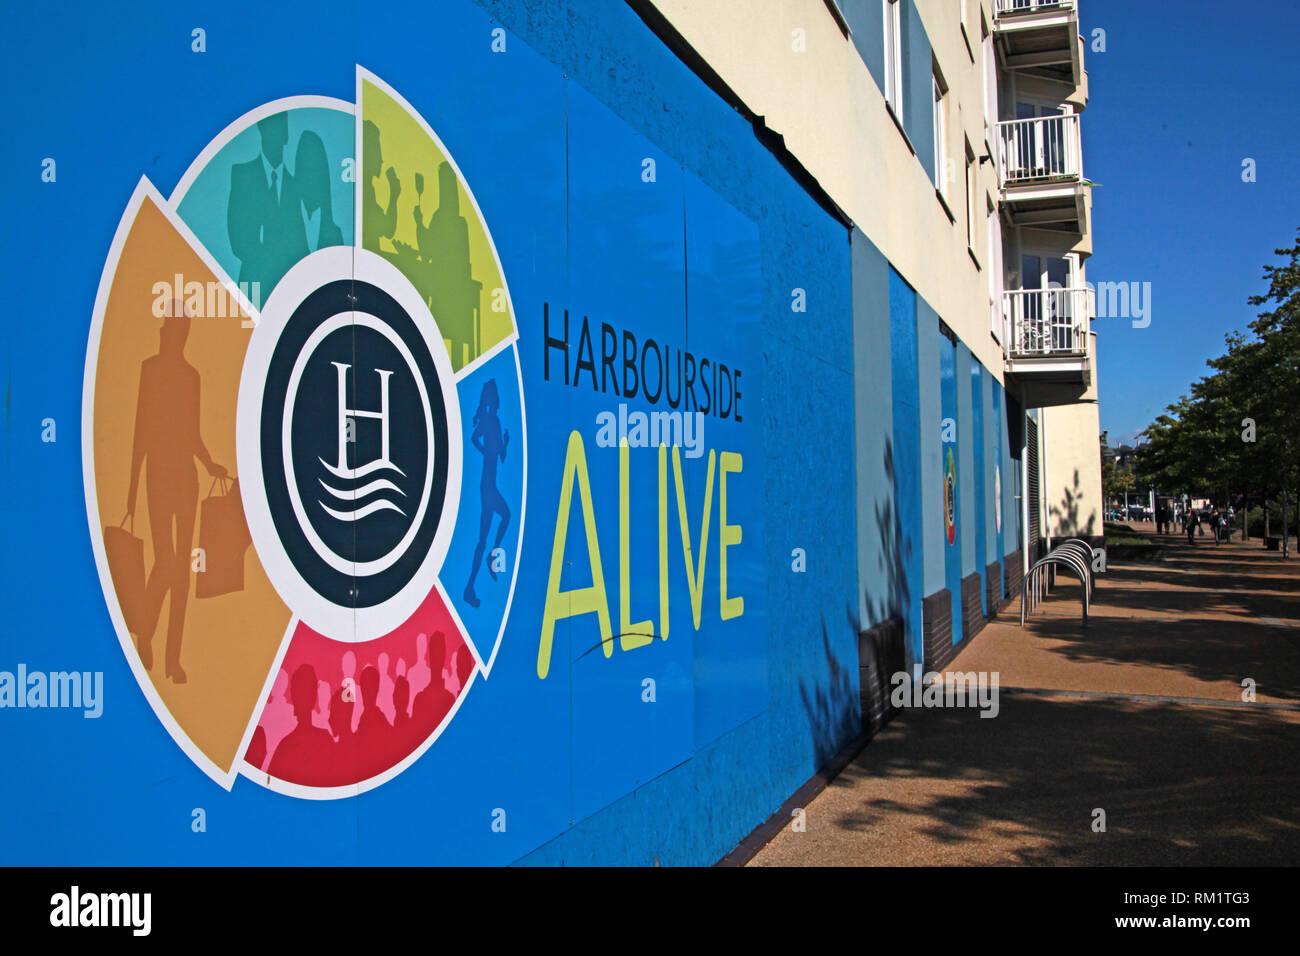 Bristol Harbourside Alive development, Bristol Harbour, South West England, UK - Stock Image